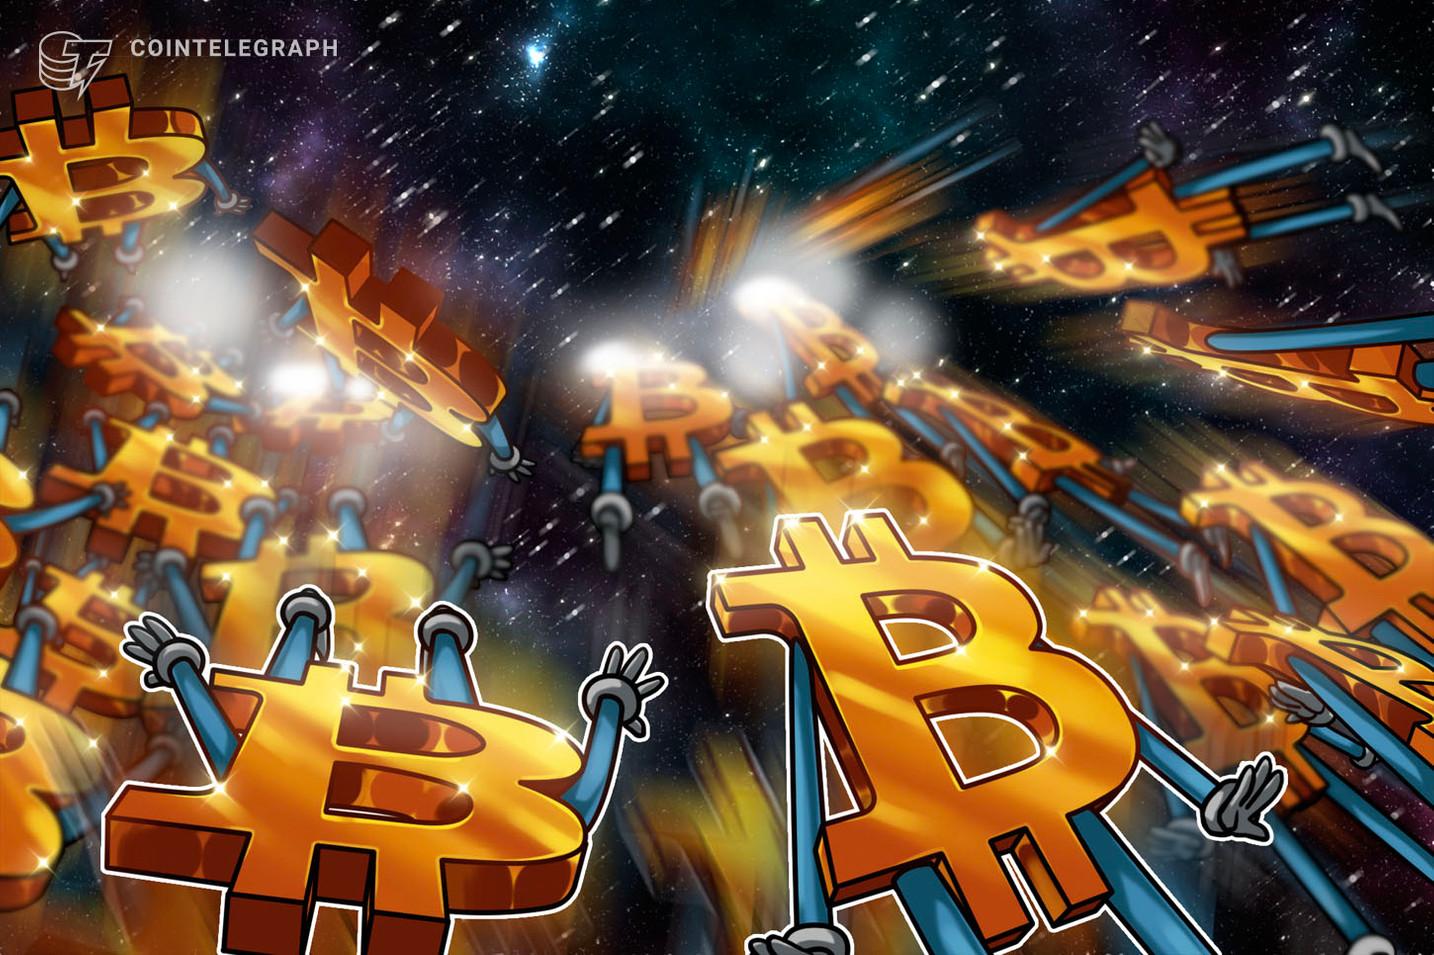 BitMEX Research ha identificado lo que cree que es una transacción de Bitcoin de doble gasto